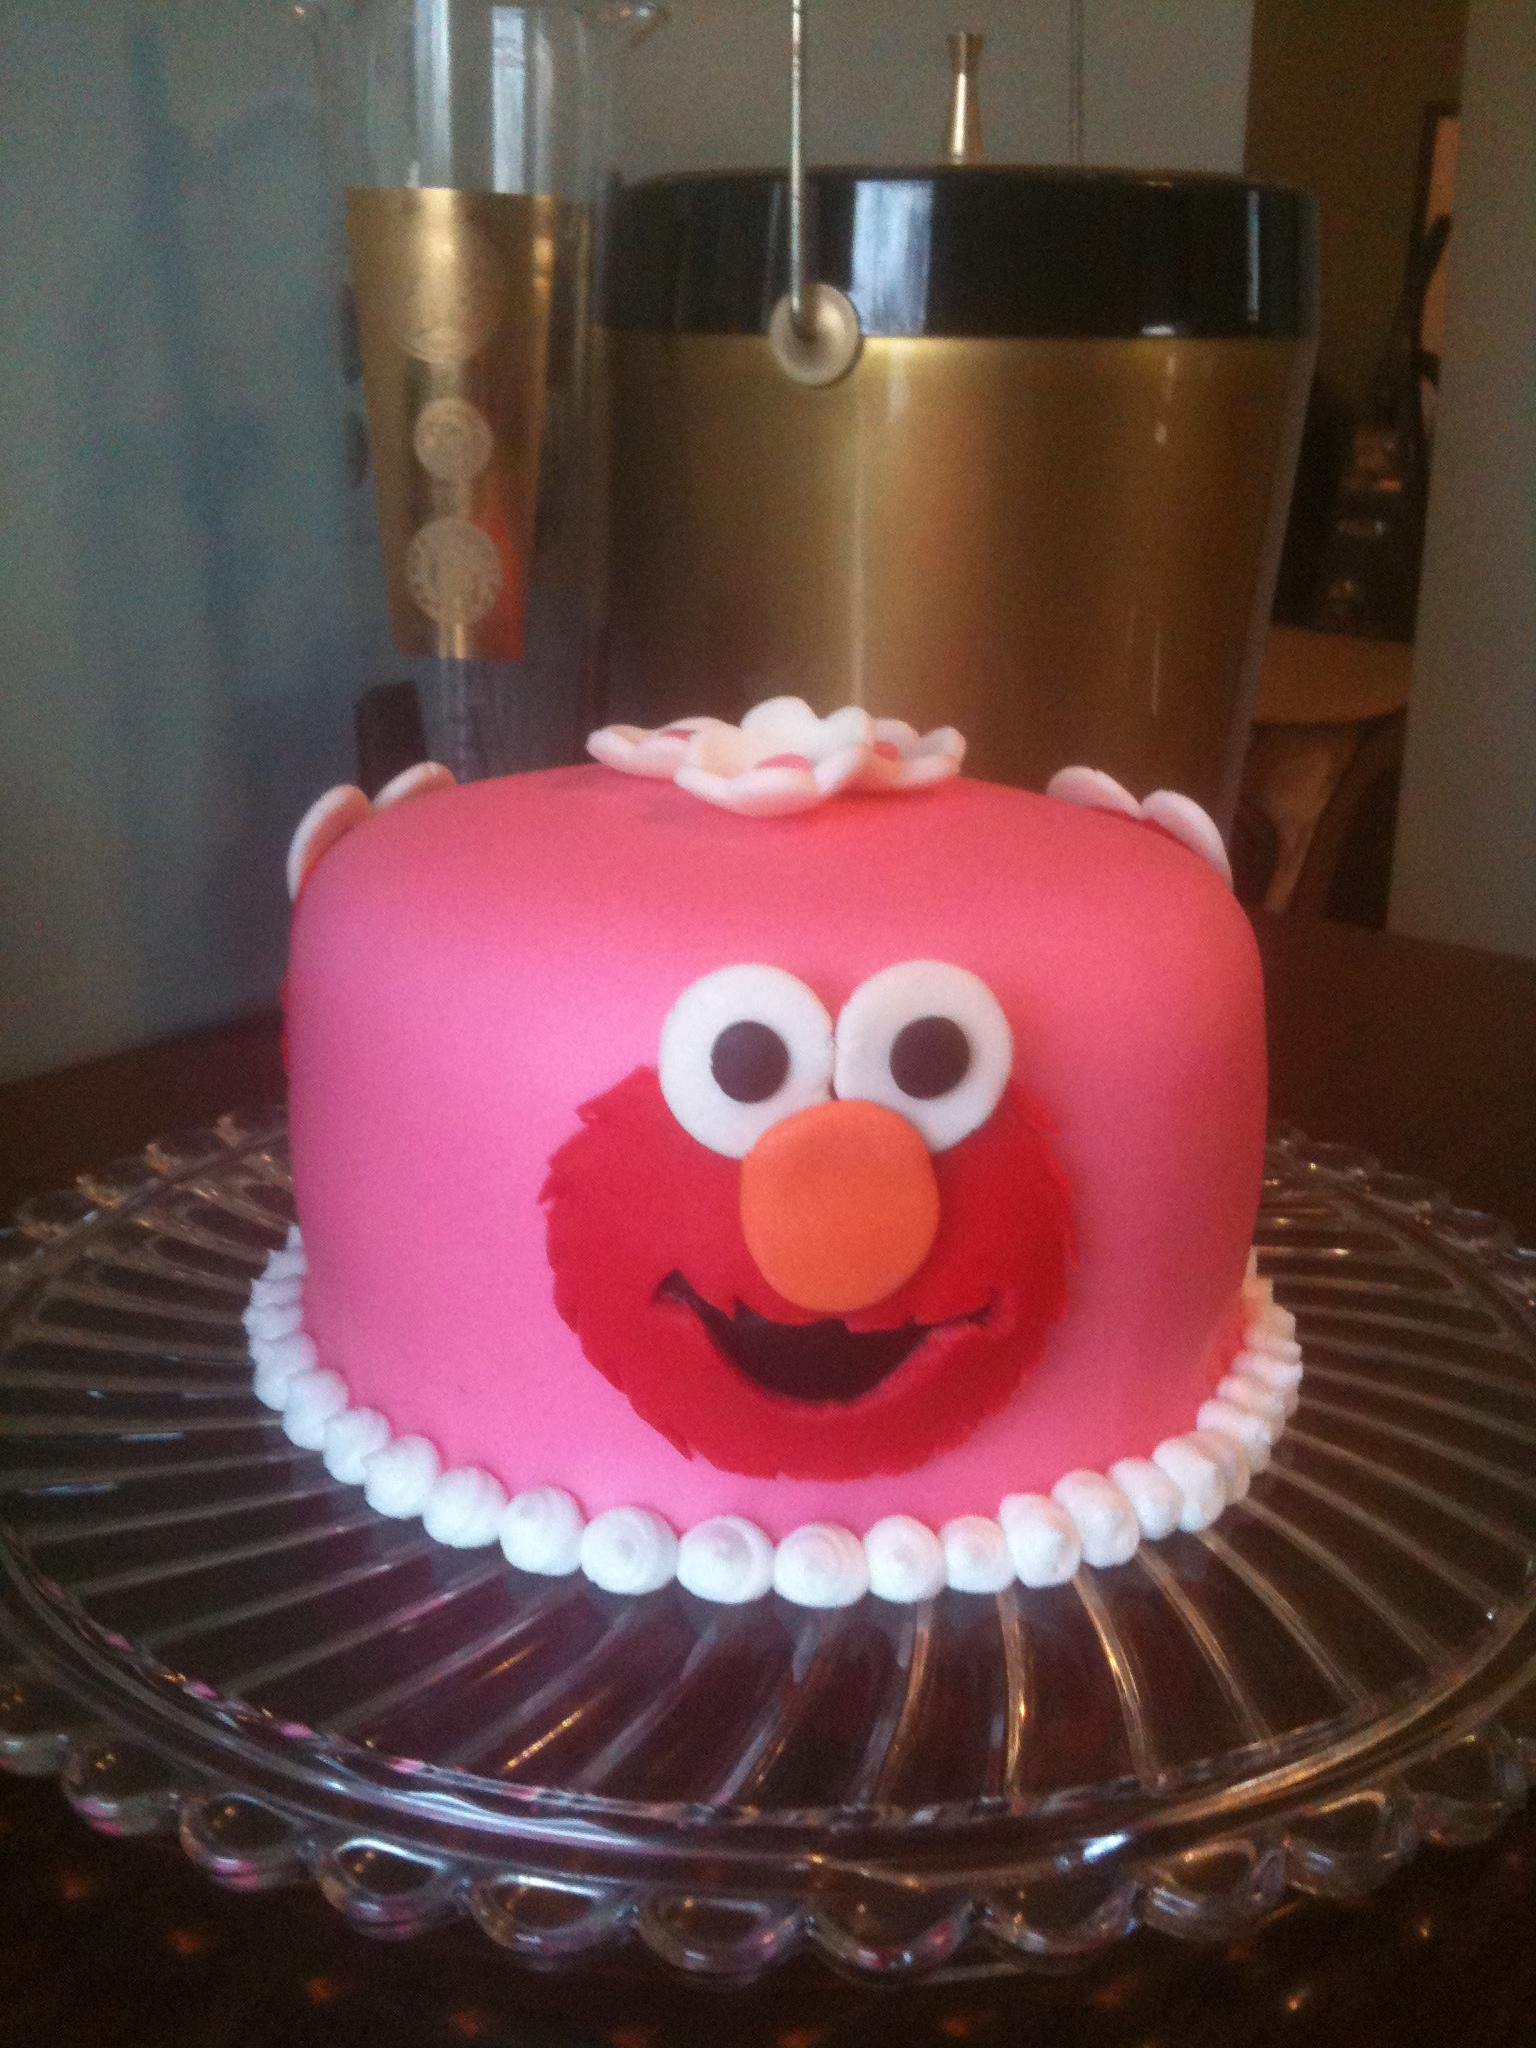 cake_5533519433_o.jpg